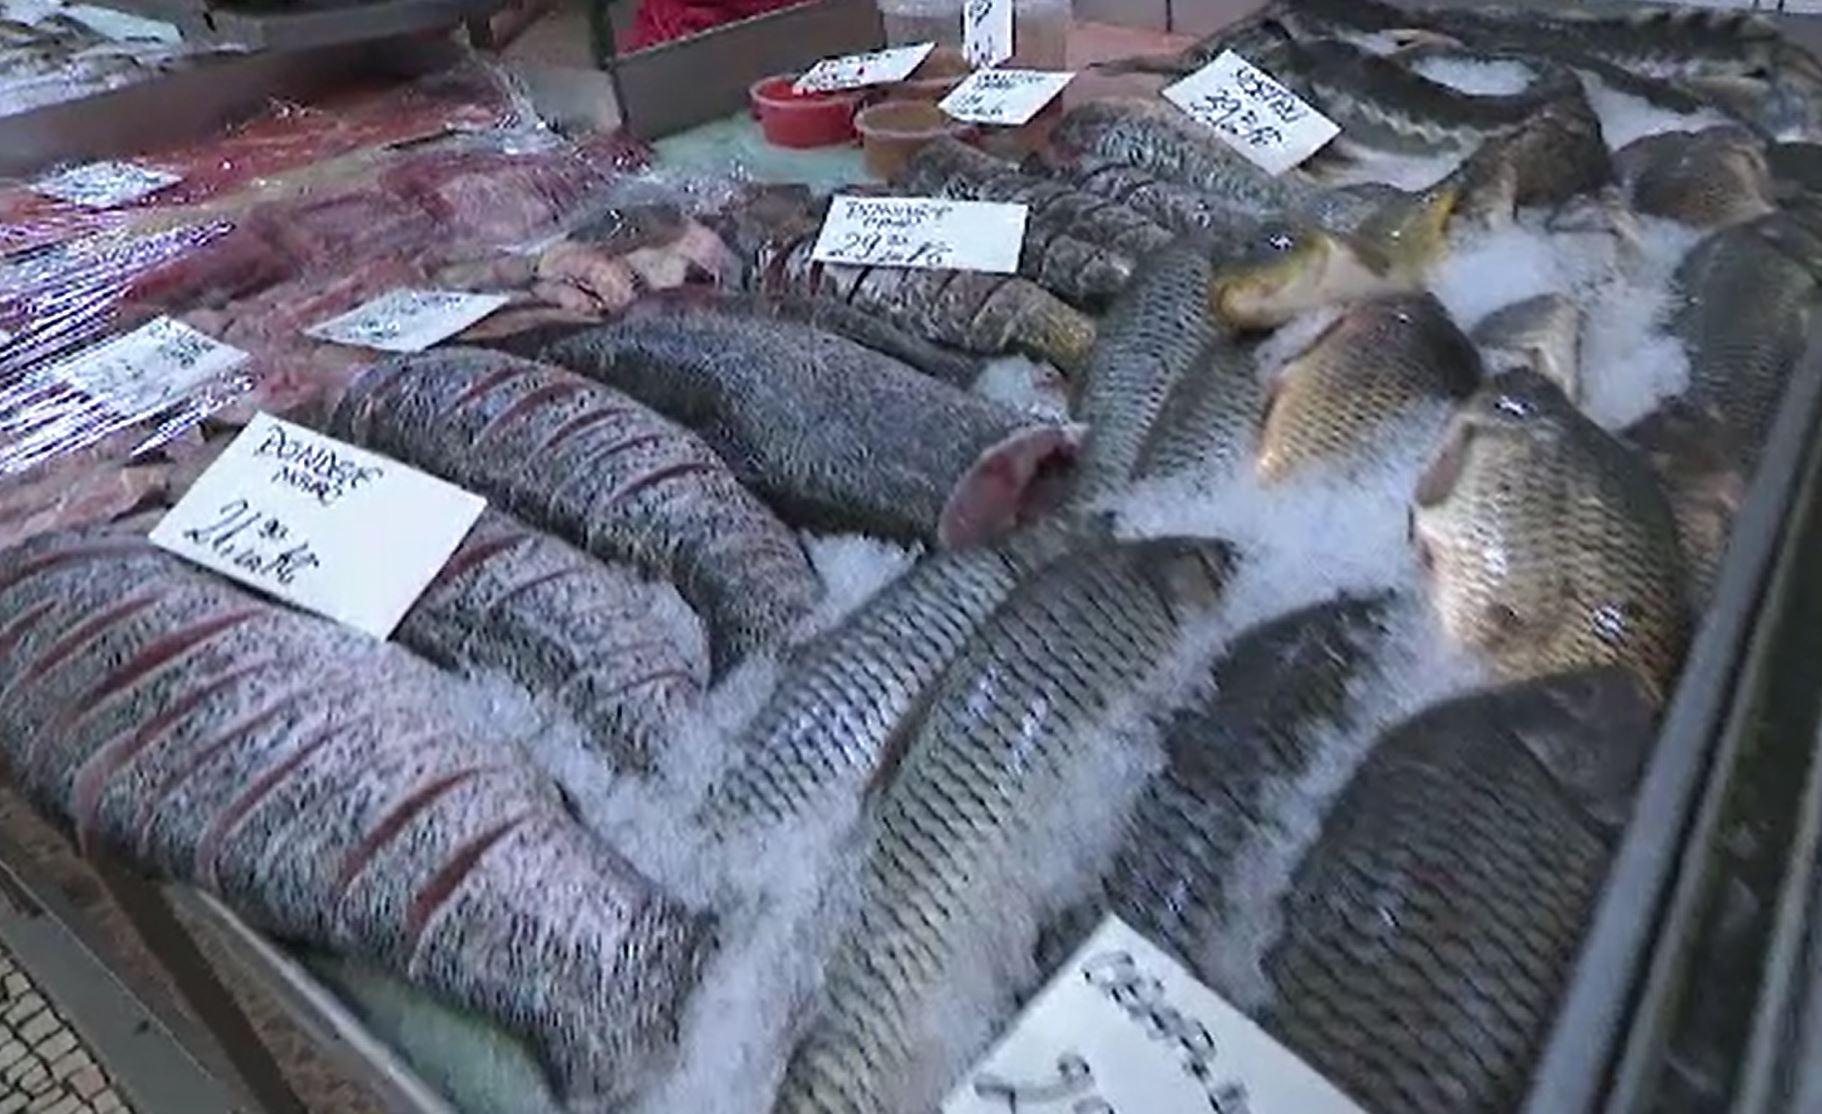 Fermele piscicole, tot mai populare în România. UE pune la bătaie fonduri importante pentru cei care vor o astfel de afacere